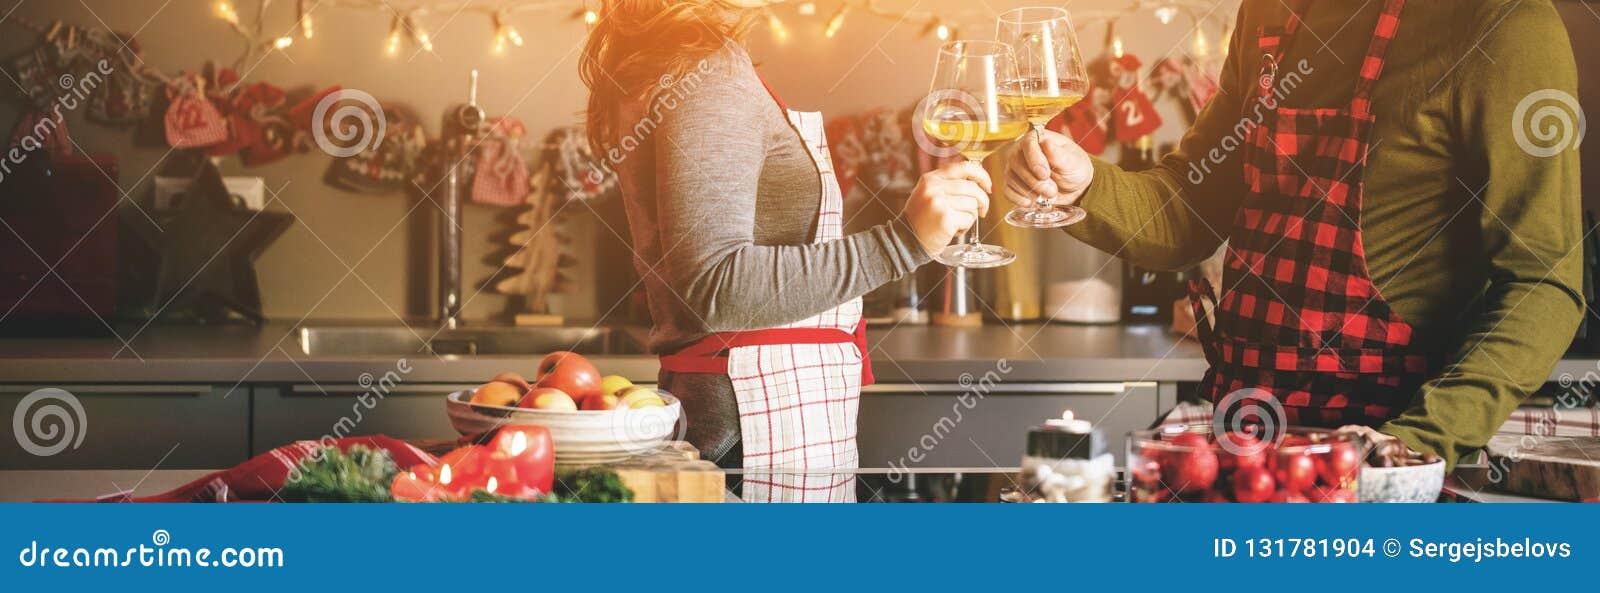 Koppla ihop att fira jul i kök- och drinkvinet